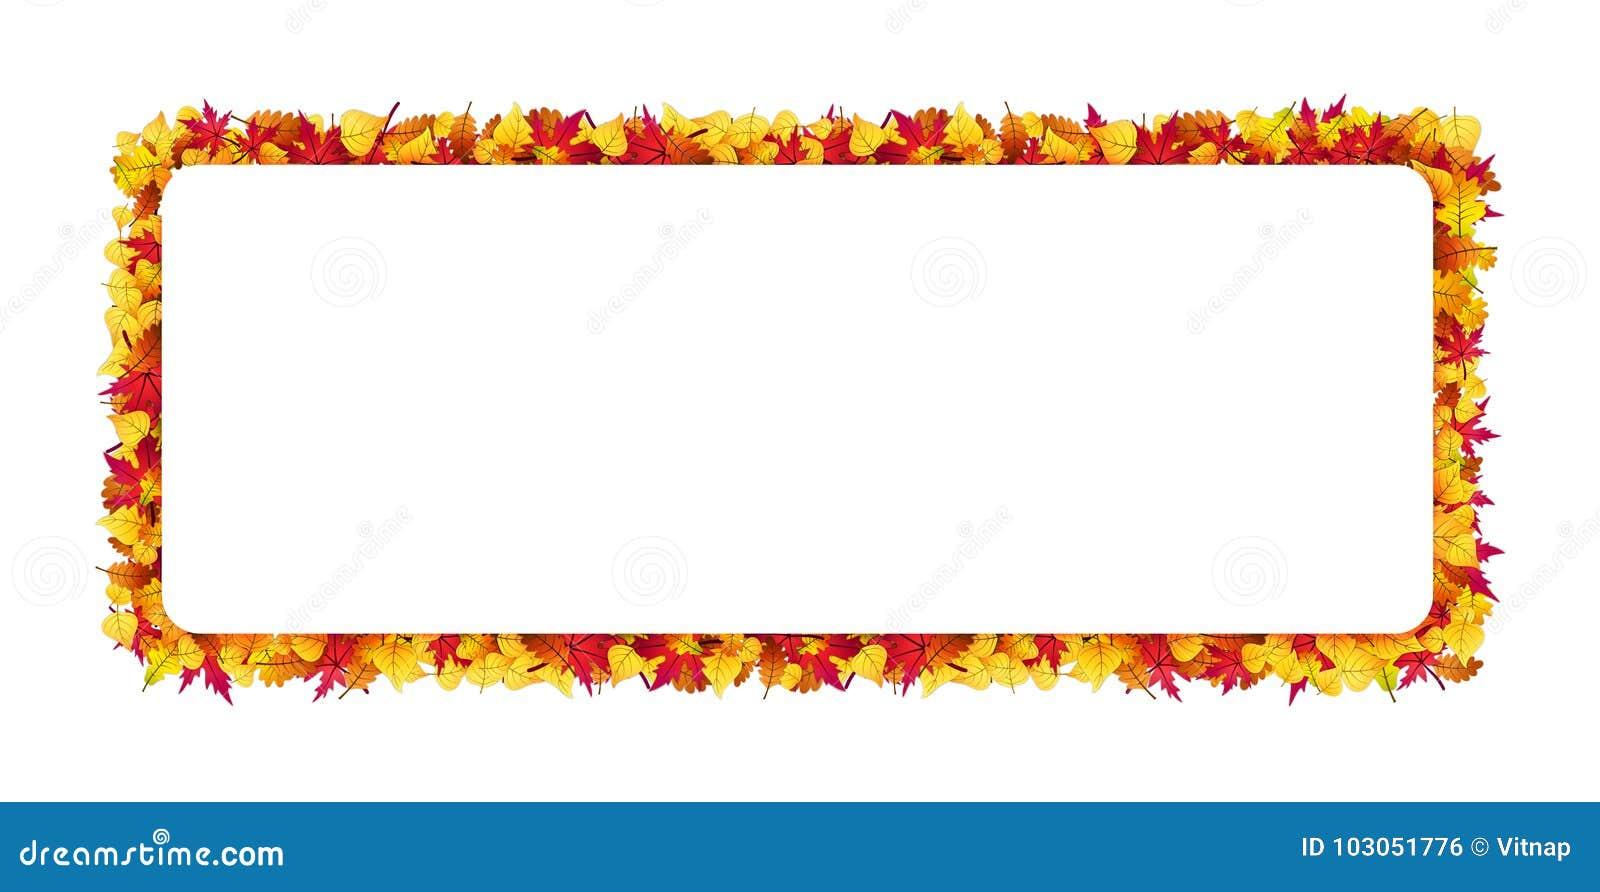 长方形框架由秋叶做成 边界月桂树离开橡木丝带模板向量